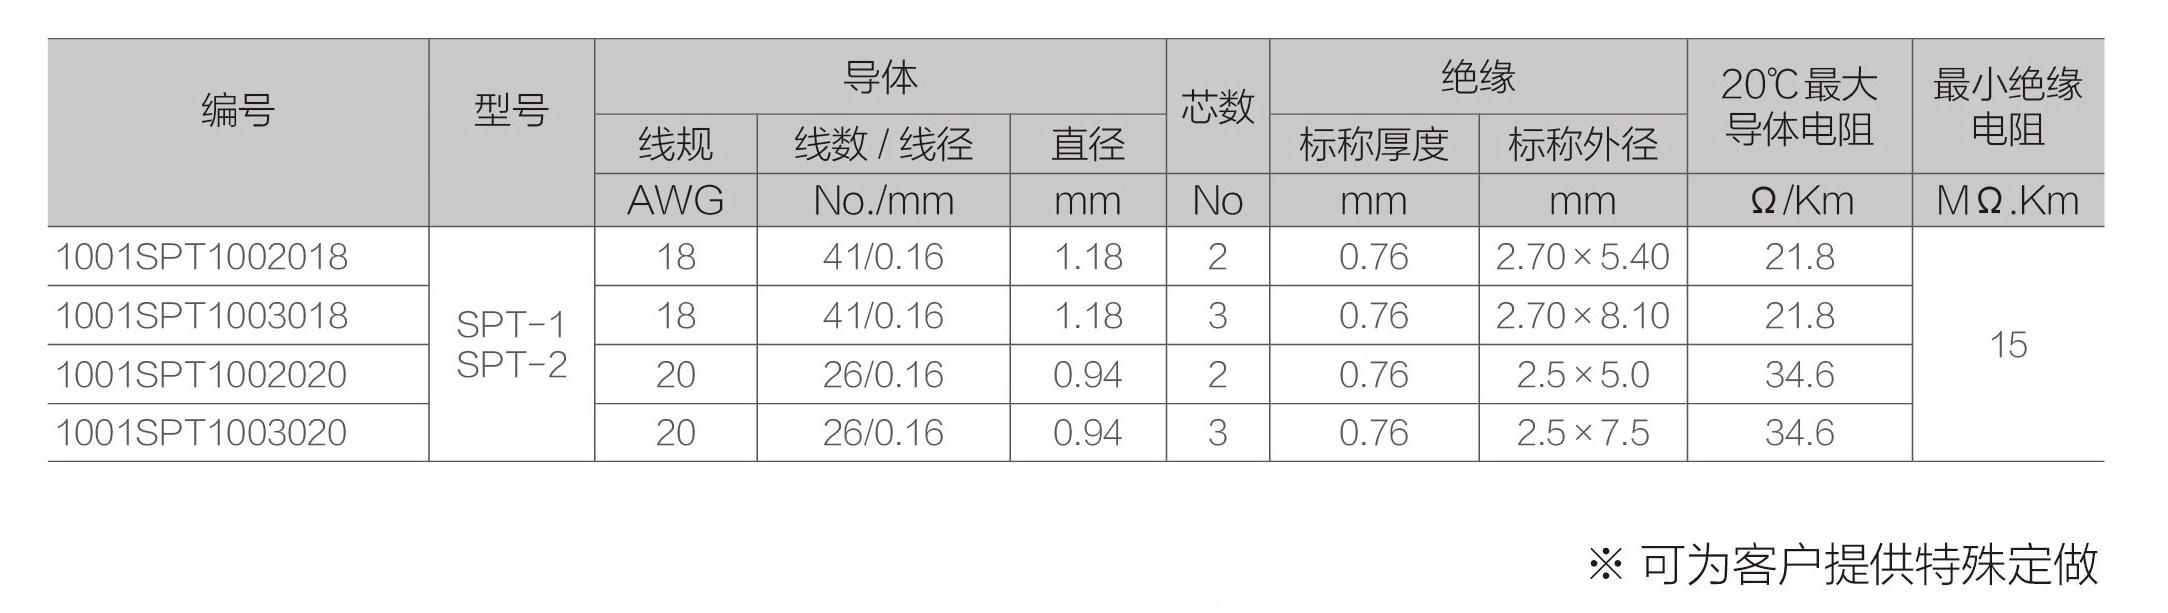 耐油电缆标准_SPT-1/SPT-2 双平行电源线(推荐 规格 型号) - 常州安耐特电缆有限公司